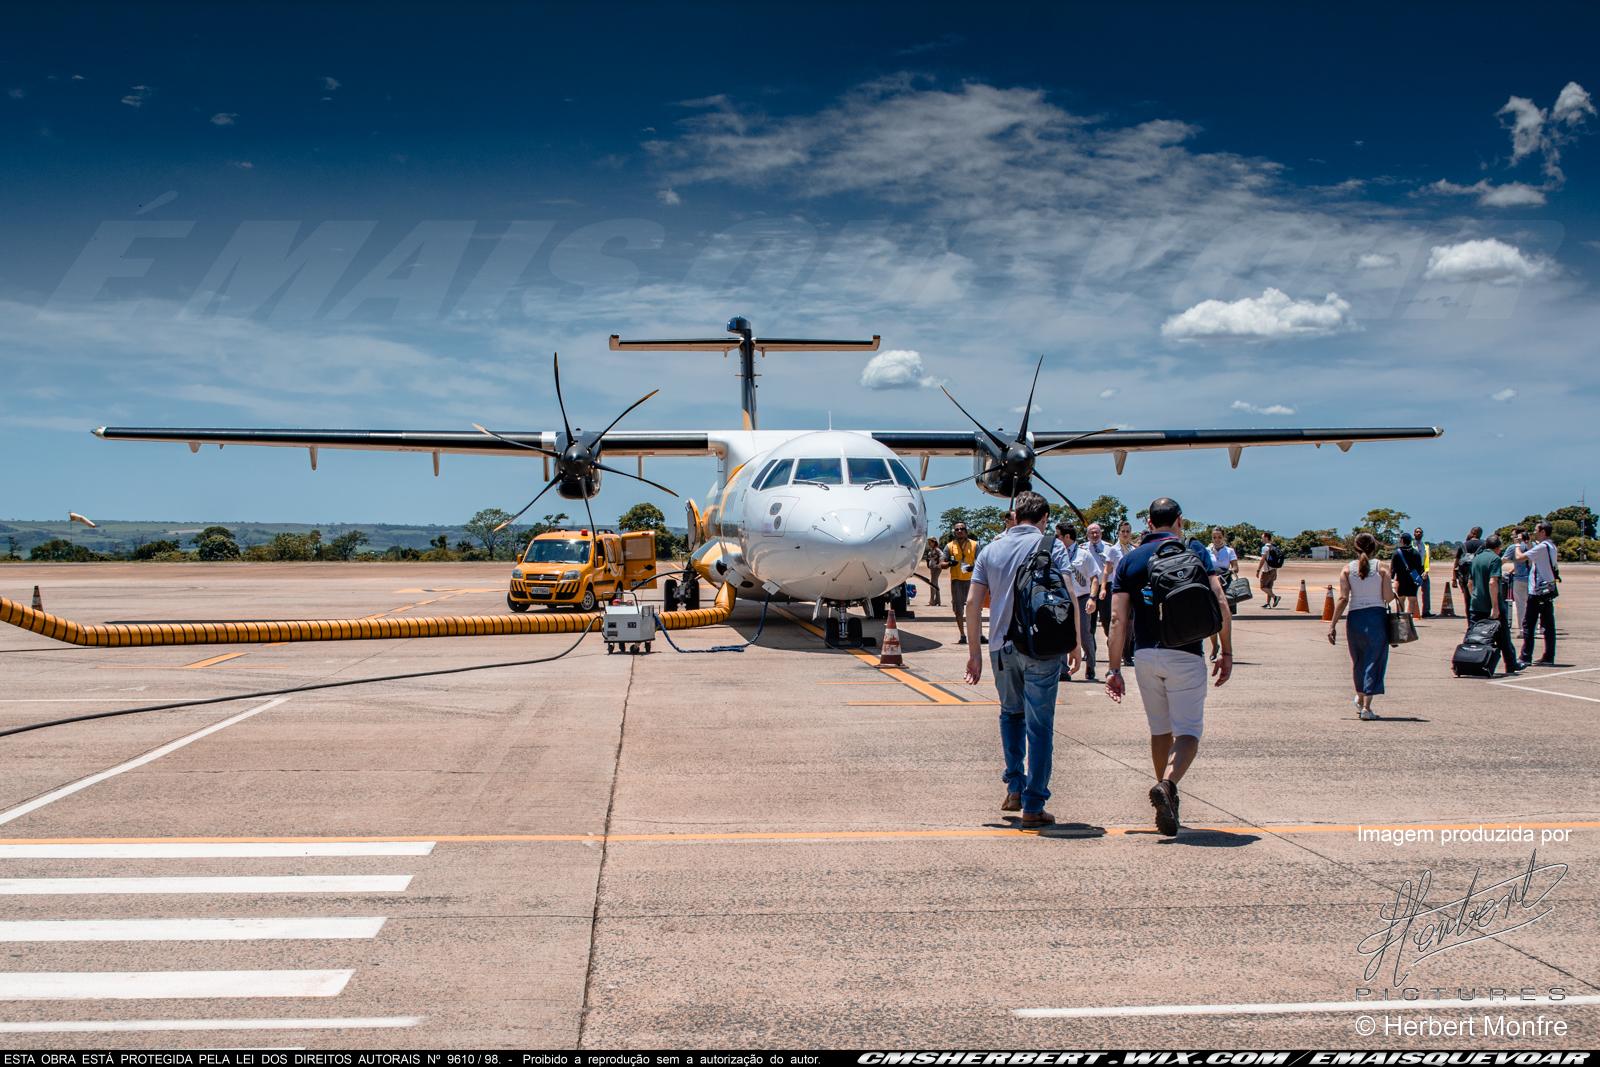 Aeroportos do interior paulista têm alta de 7,01% na movimentação de passageiros em 2019   Foto © Herbert Monfre - É MAIS QUE VOAR